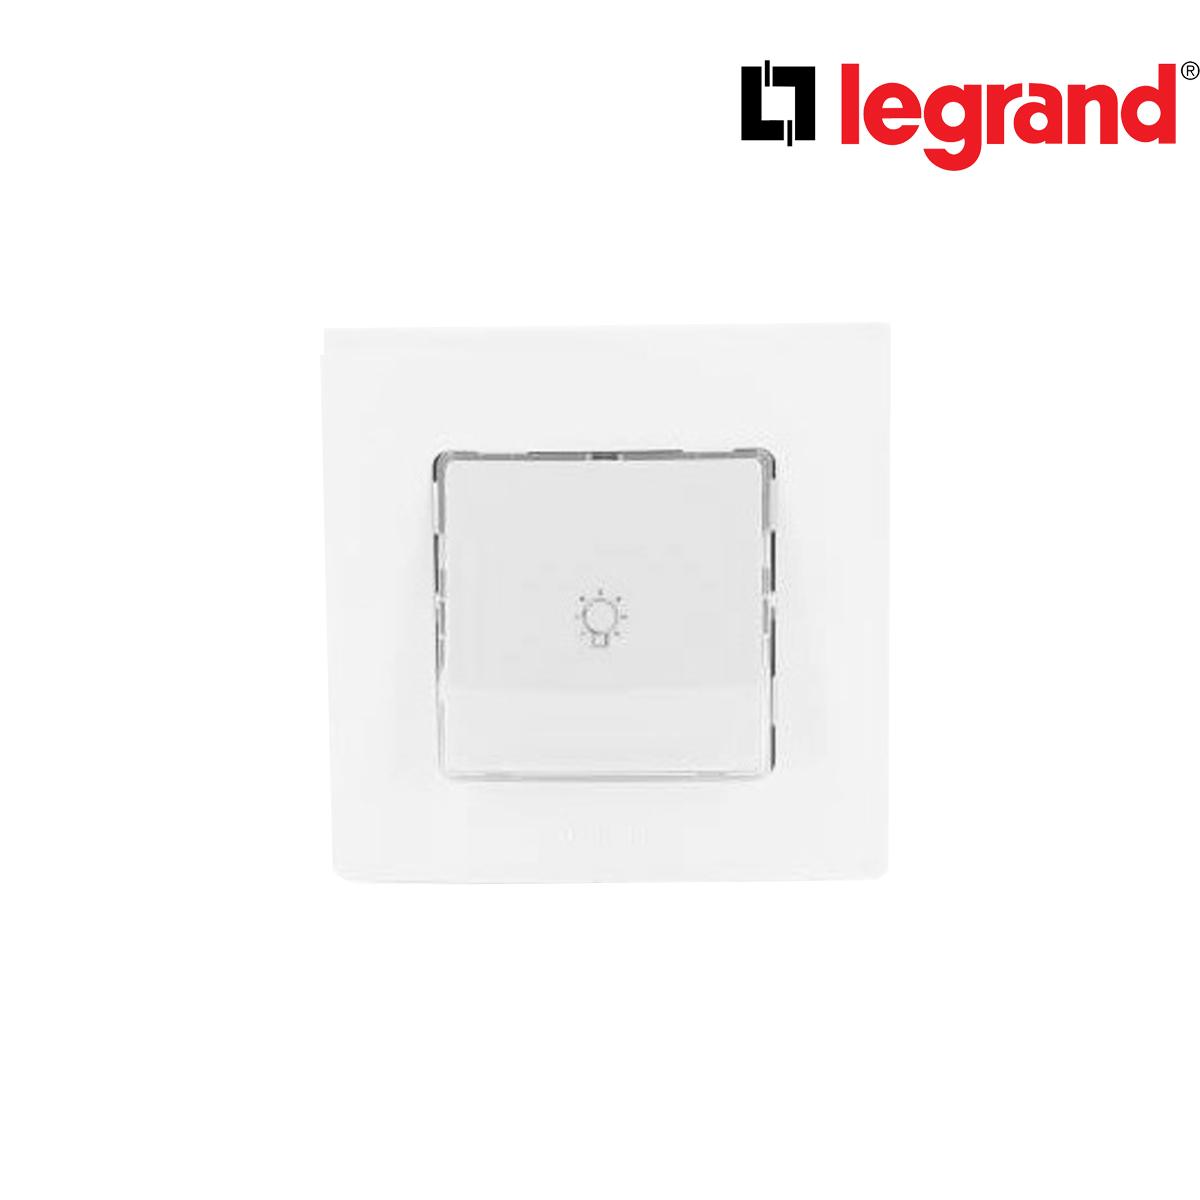 legrand interrupteur poussoir porte tiquette lumineux nilo 664115 distriartisan. Black Bedroom Furniture Sets. Home Design Ideas